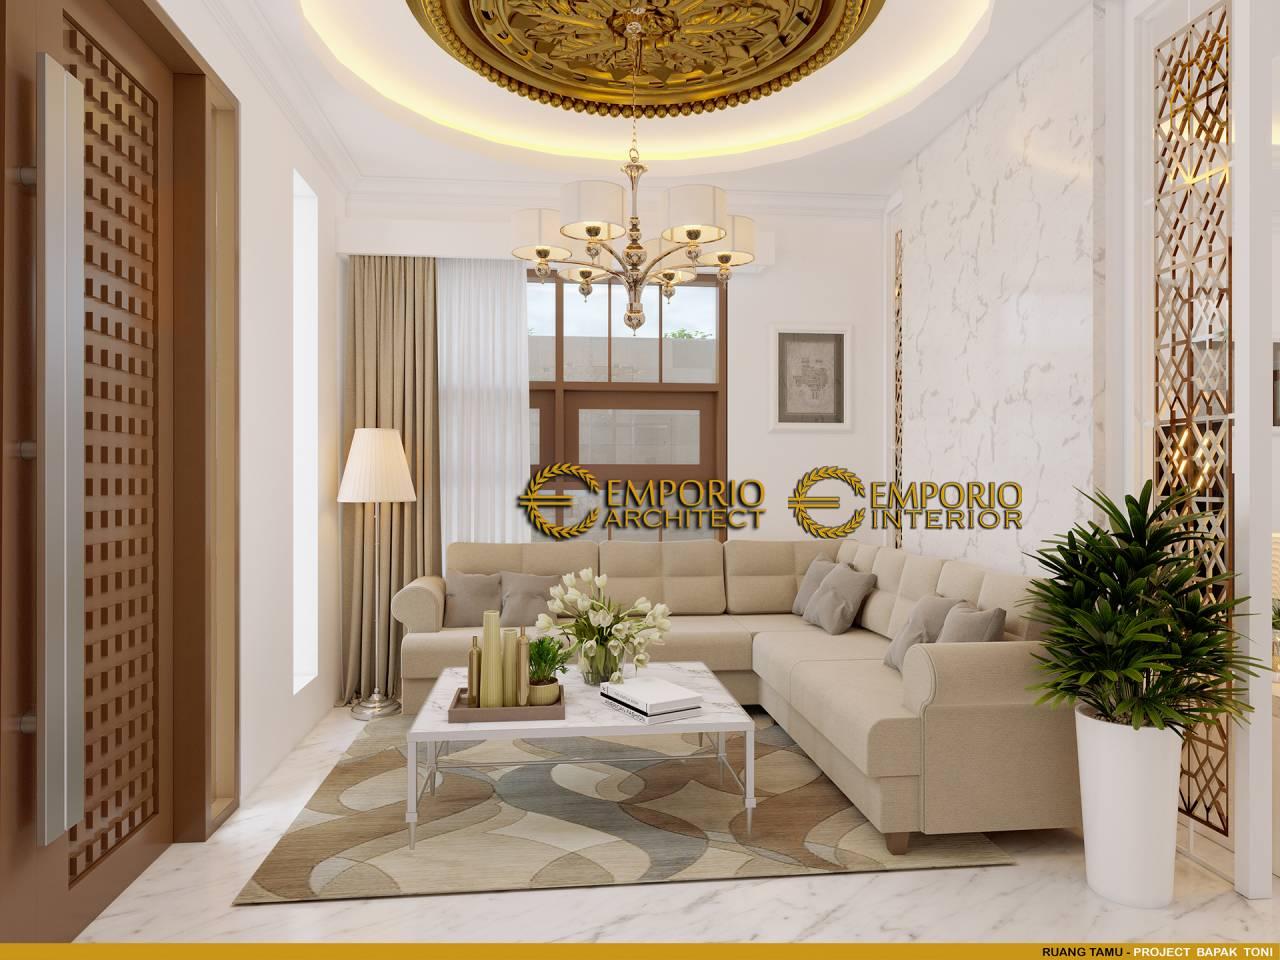 10 Ide Desain Interior Ruang Tamu Mewah Bernuansa Villa Part 1 Interior ruang tamu mewah